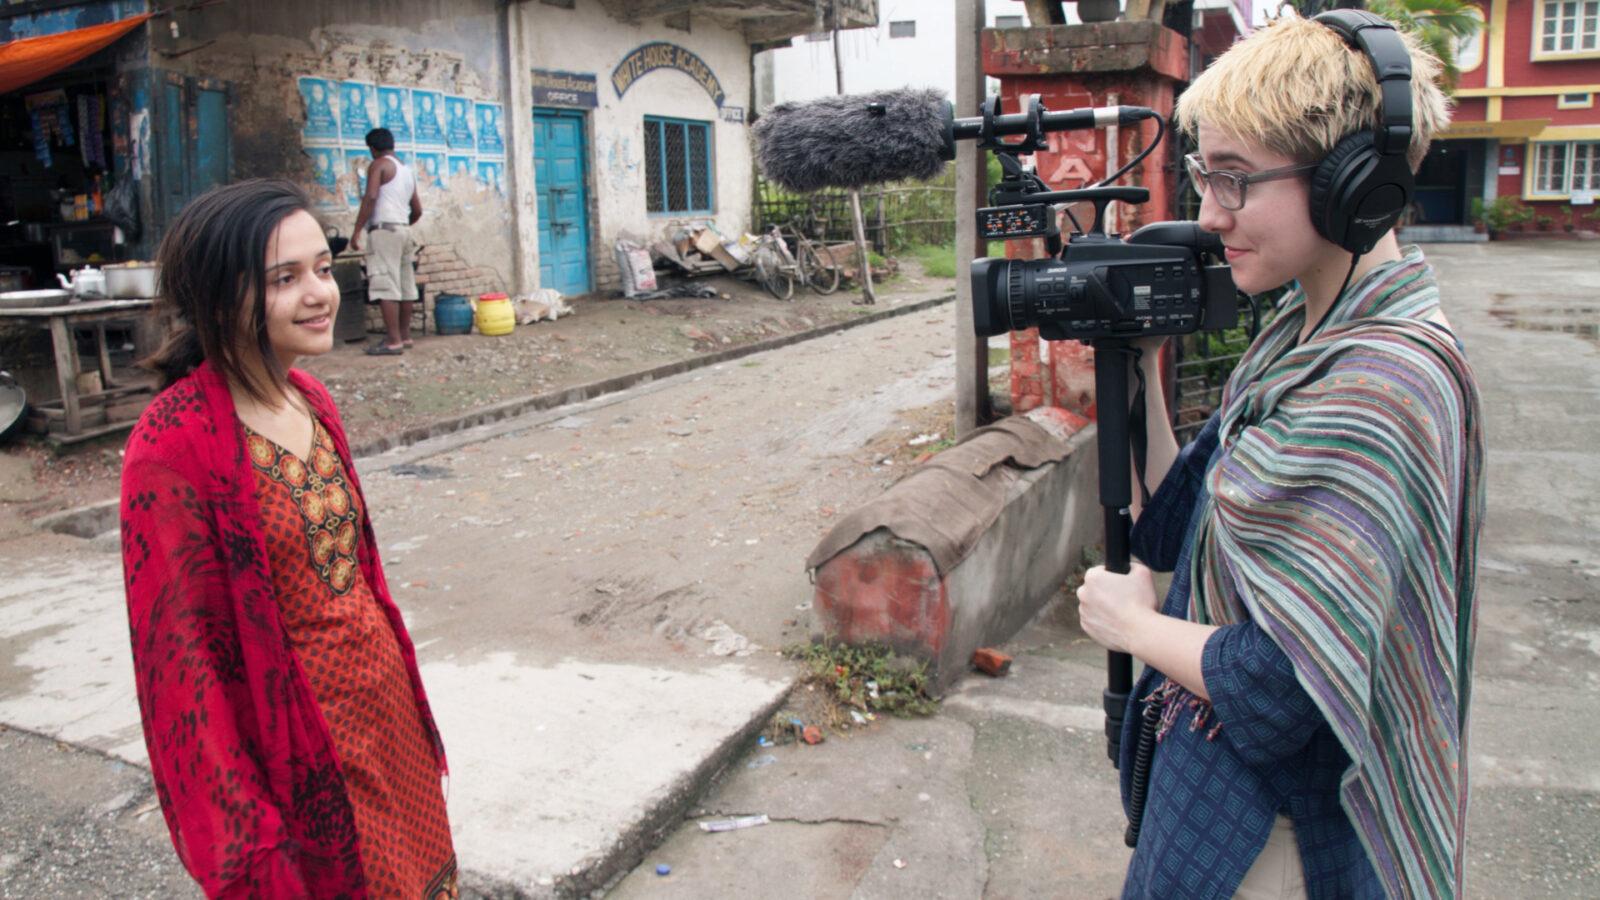 Filmstill aus YOUTH UNSTOPPABLE - DER AUFSTIEG DER GLOBALEN JUGEND-KLIMABEWEGUNG (CA 2019, R: Slater Jewell-Kemker)